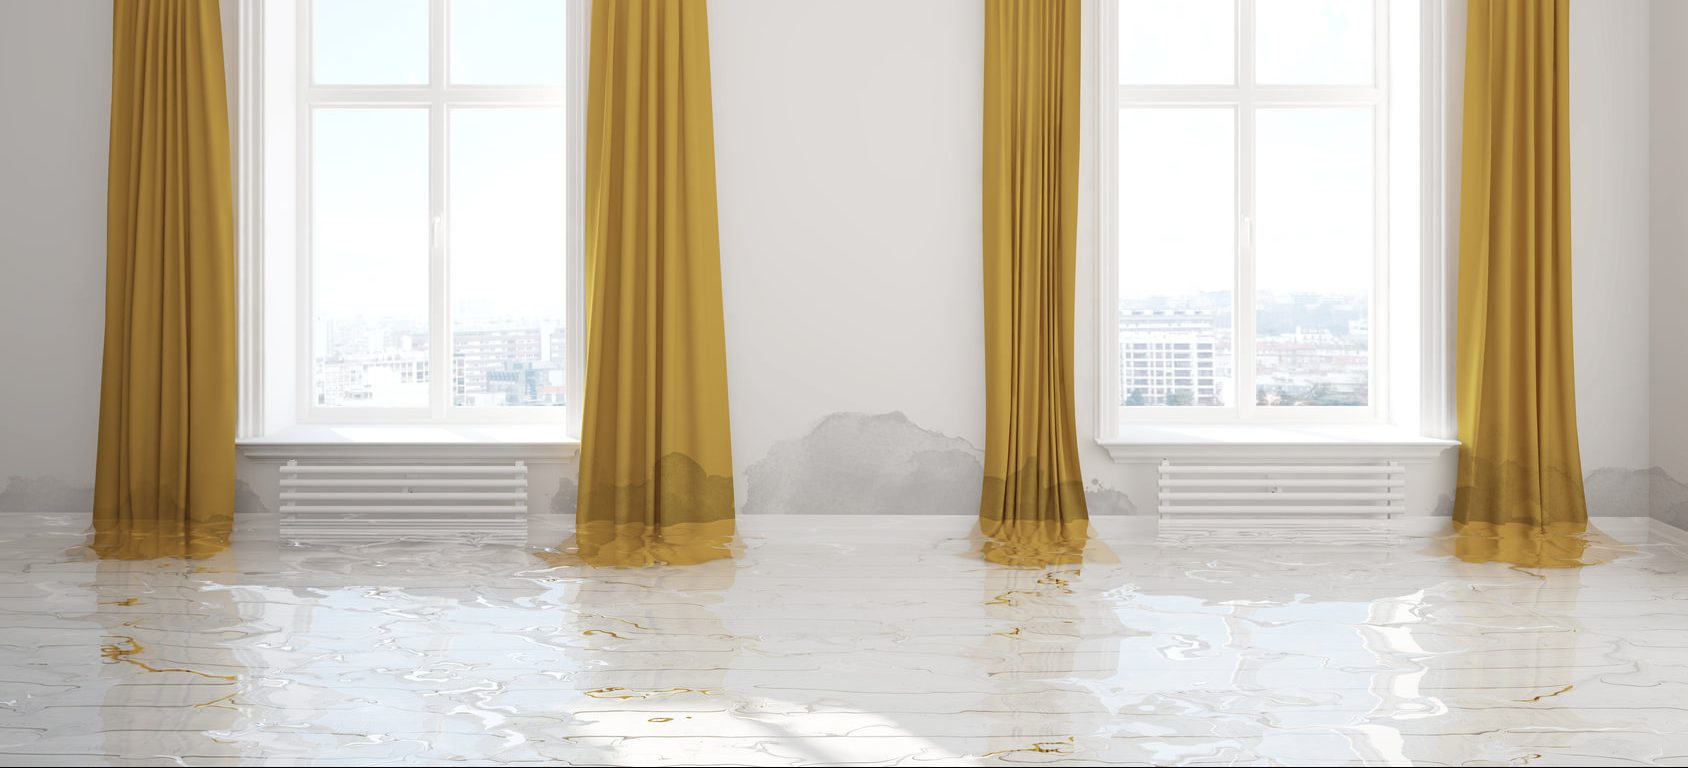 d g t des eaux comment g rer en tant que propri taire e g rance. Black Bedroom Furniture Sets. Home Design Ideas